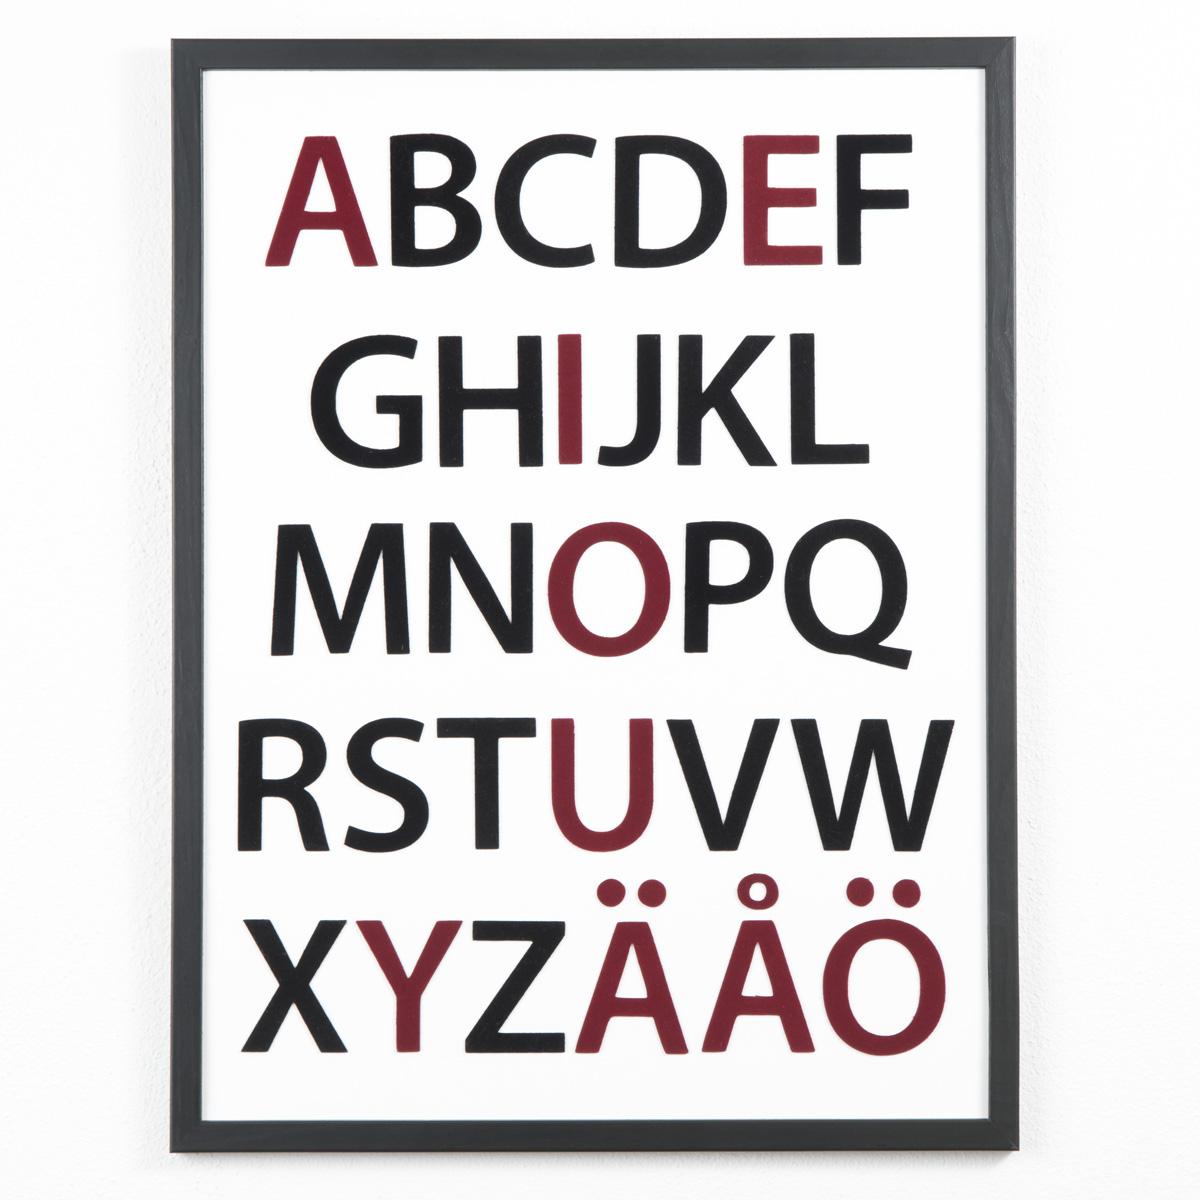 Alfabetet i ny tappning